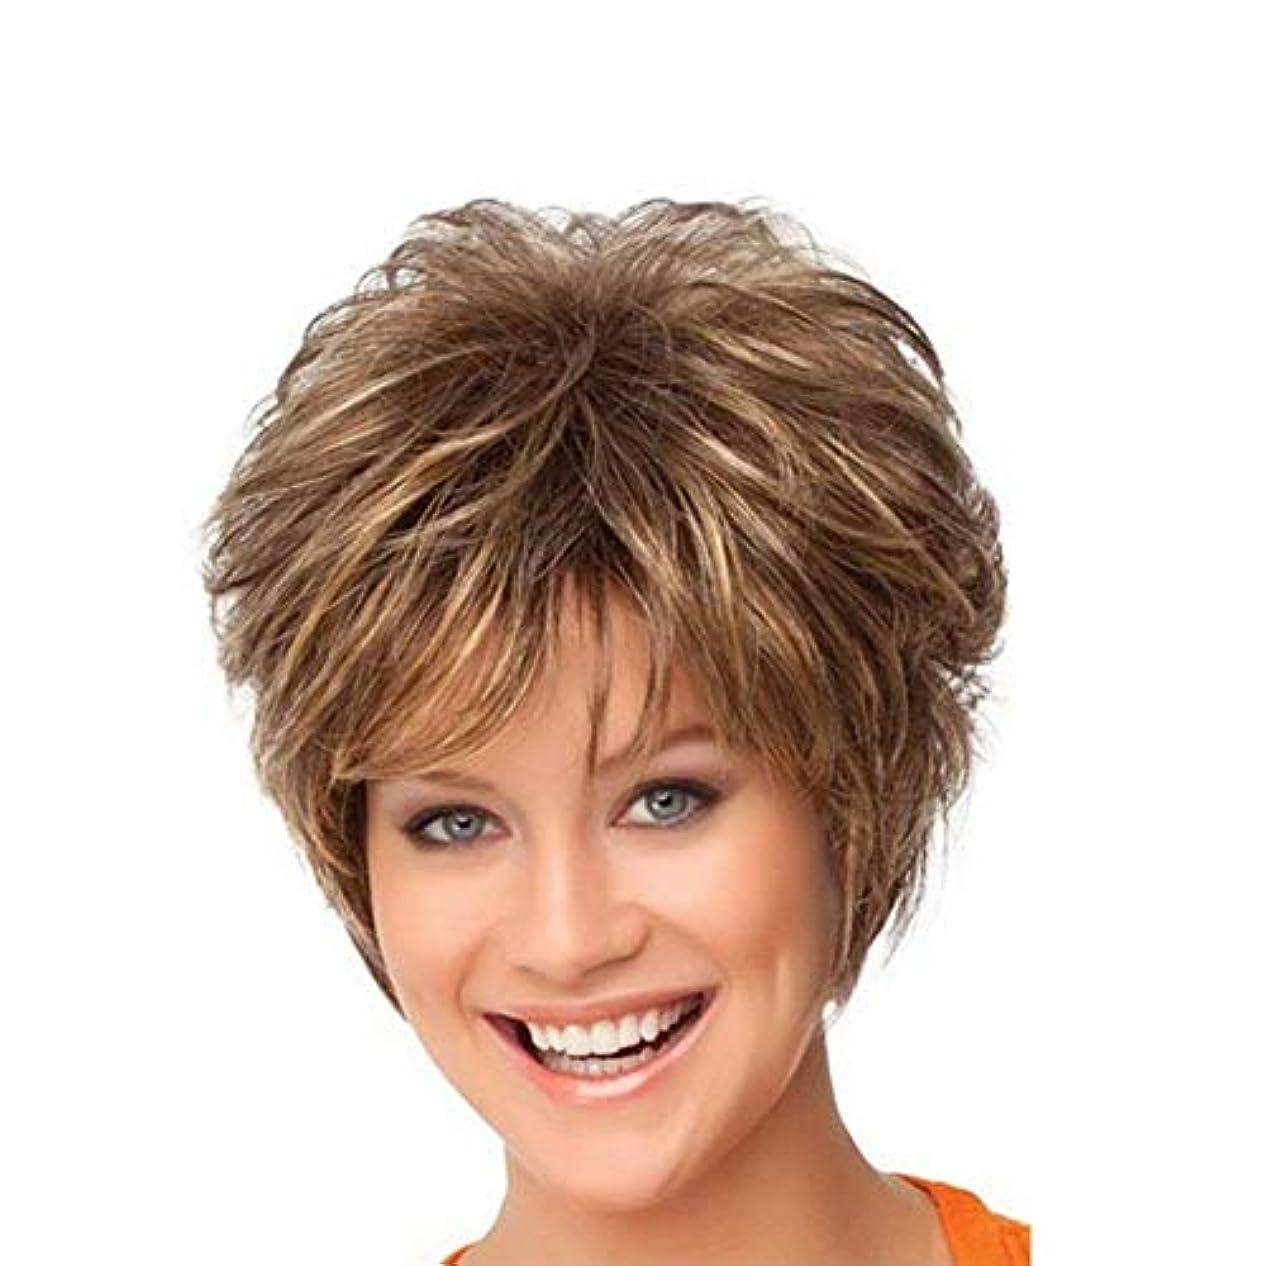 サークル補償ひもWASAIO 女性の短い巻き毛のかつらのための女性の髪のかつら (色 : ブラウン)